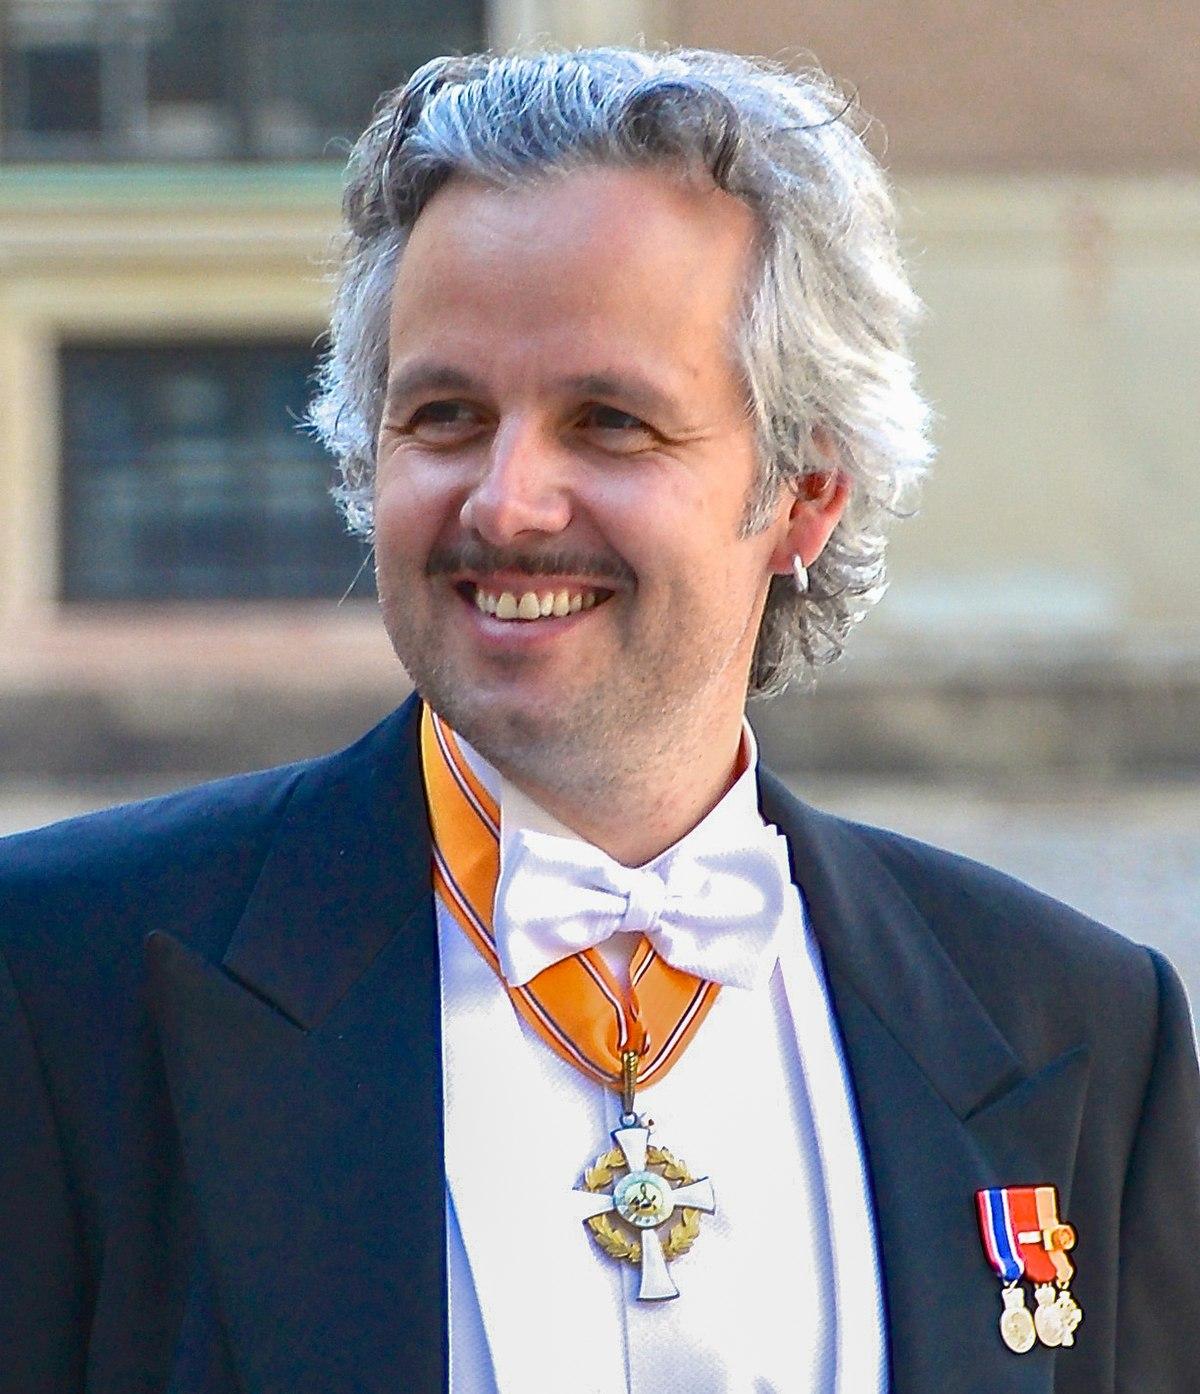 Ari Behn